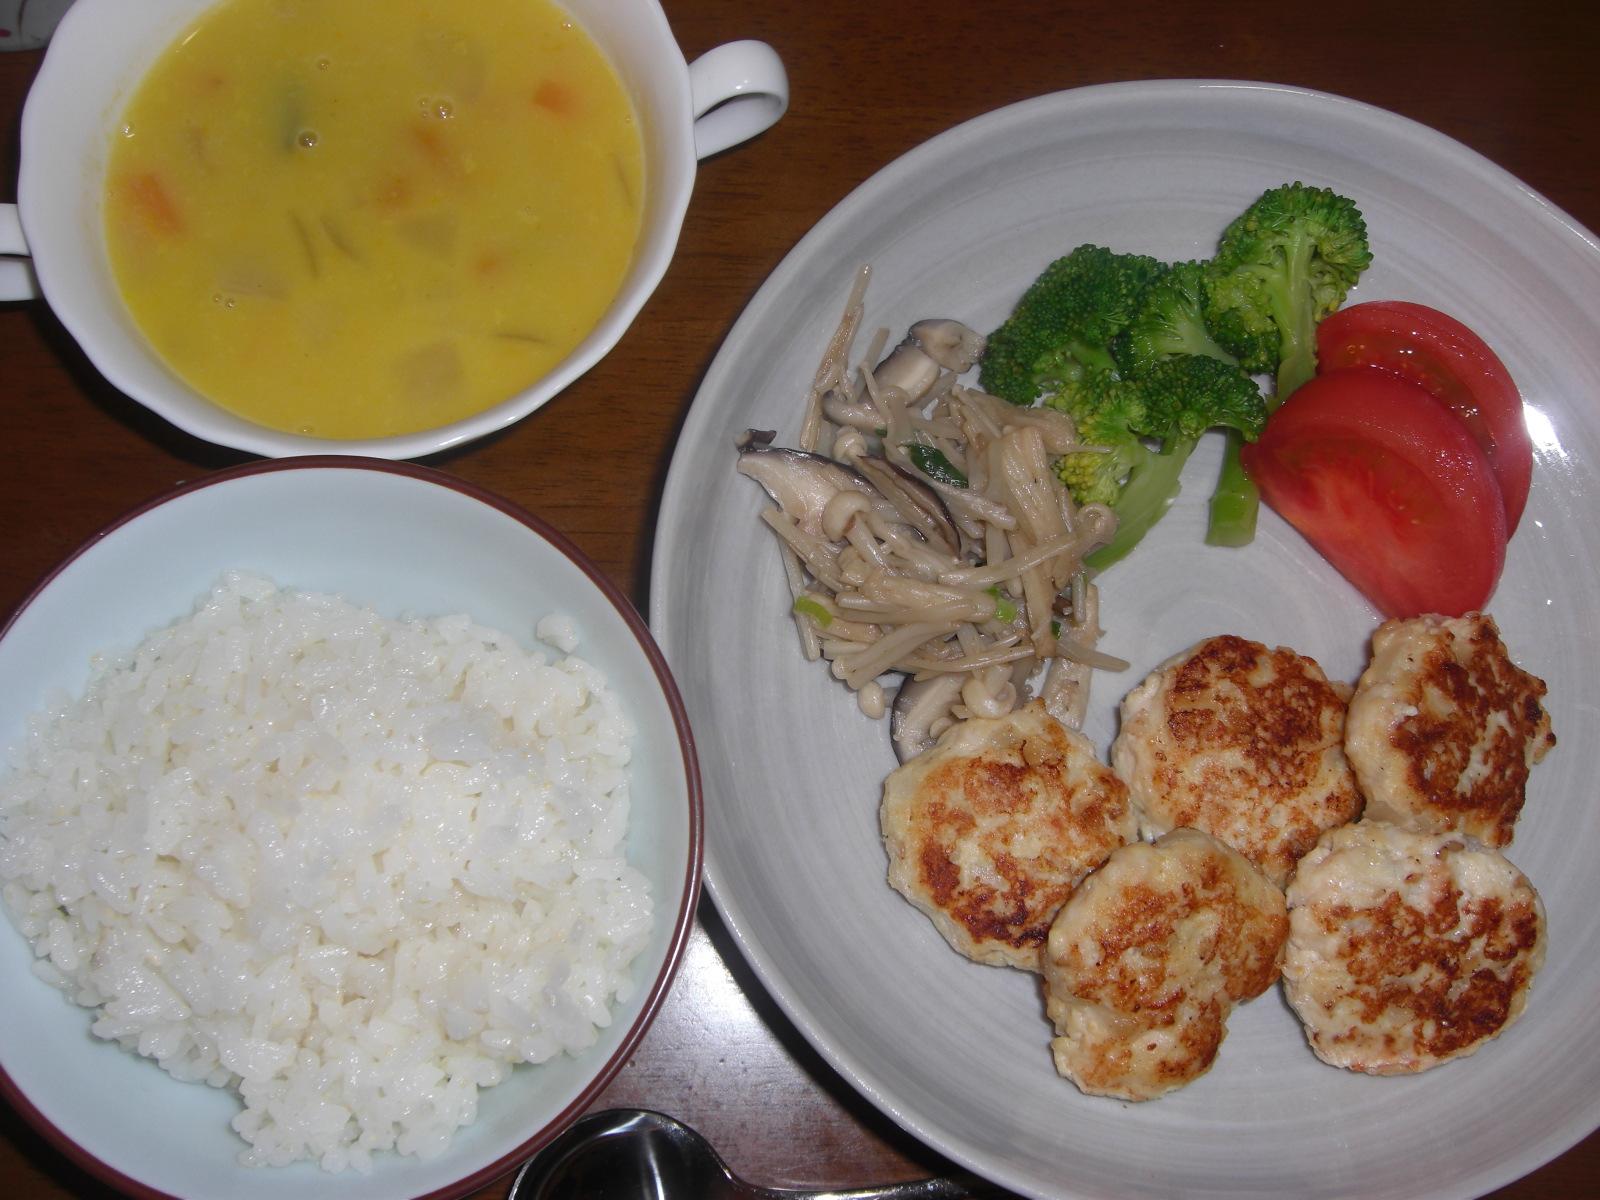 豆腐入りチキンナゲット